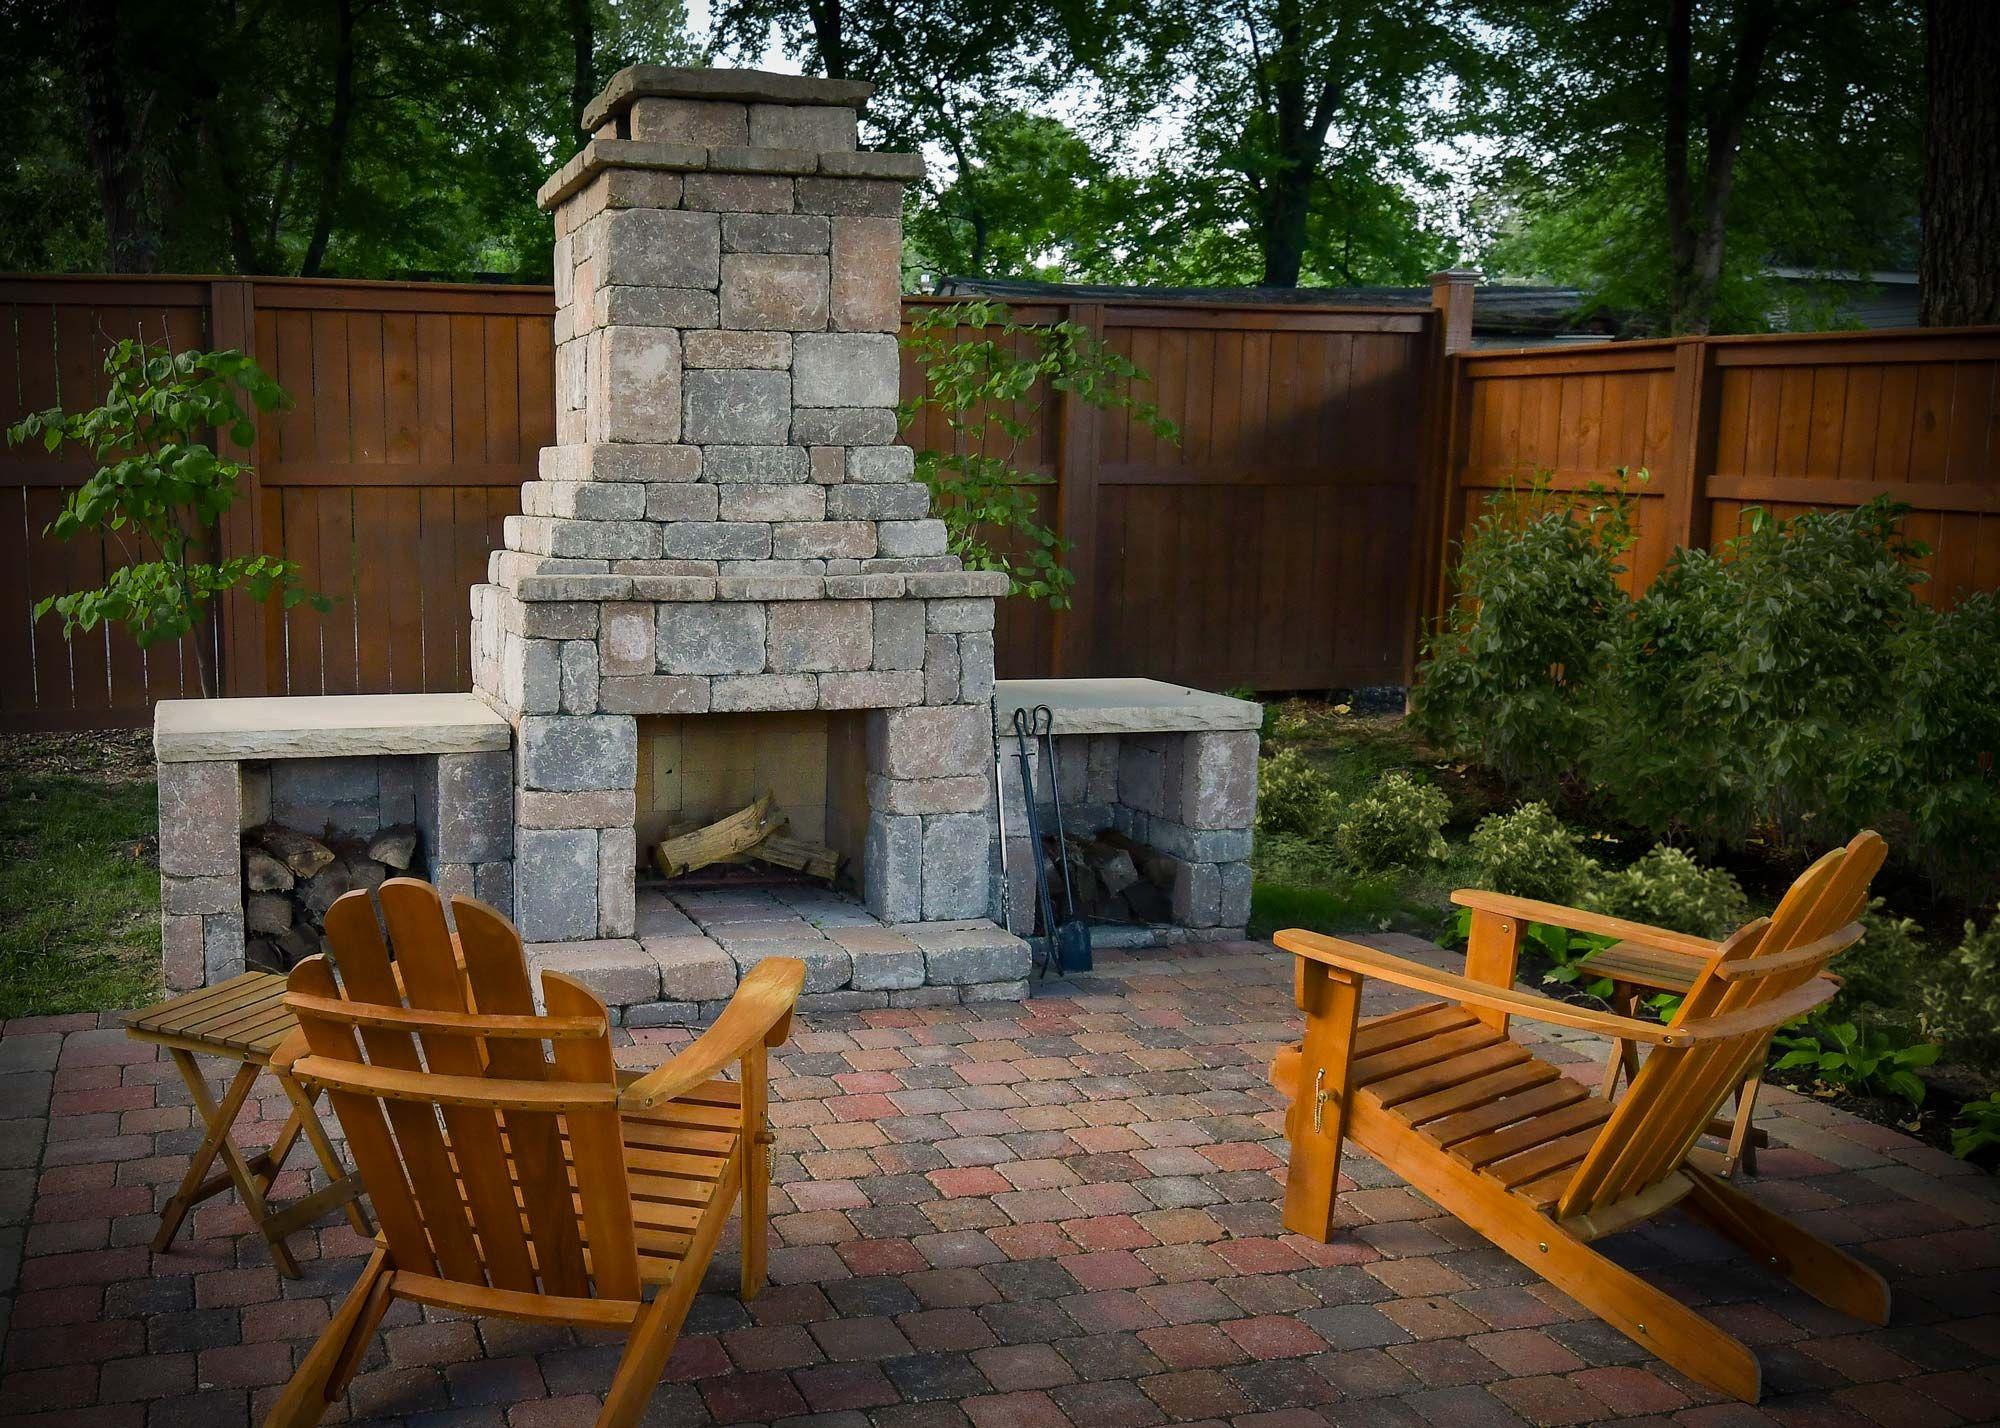 romanstone patio scene yard outdoor kitchen pinterest